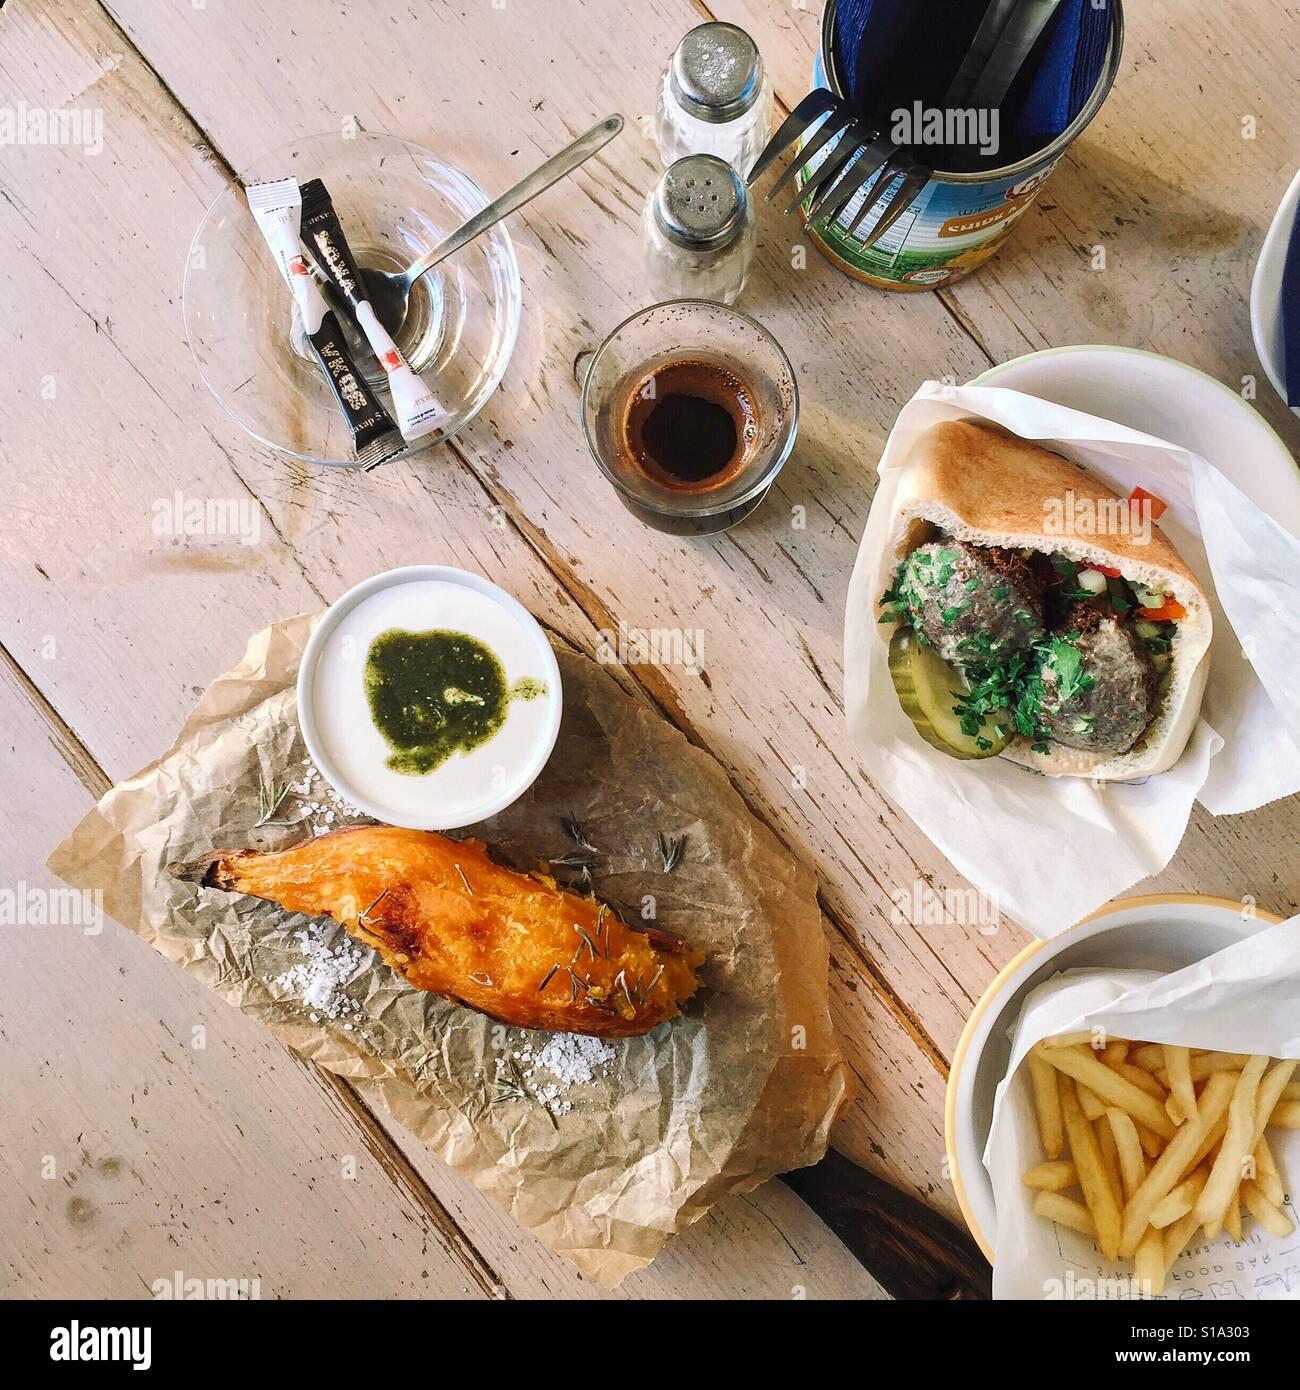 Israeliano di cibo di strada. Foto Stock